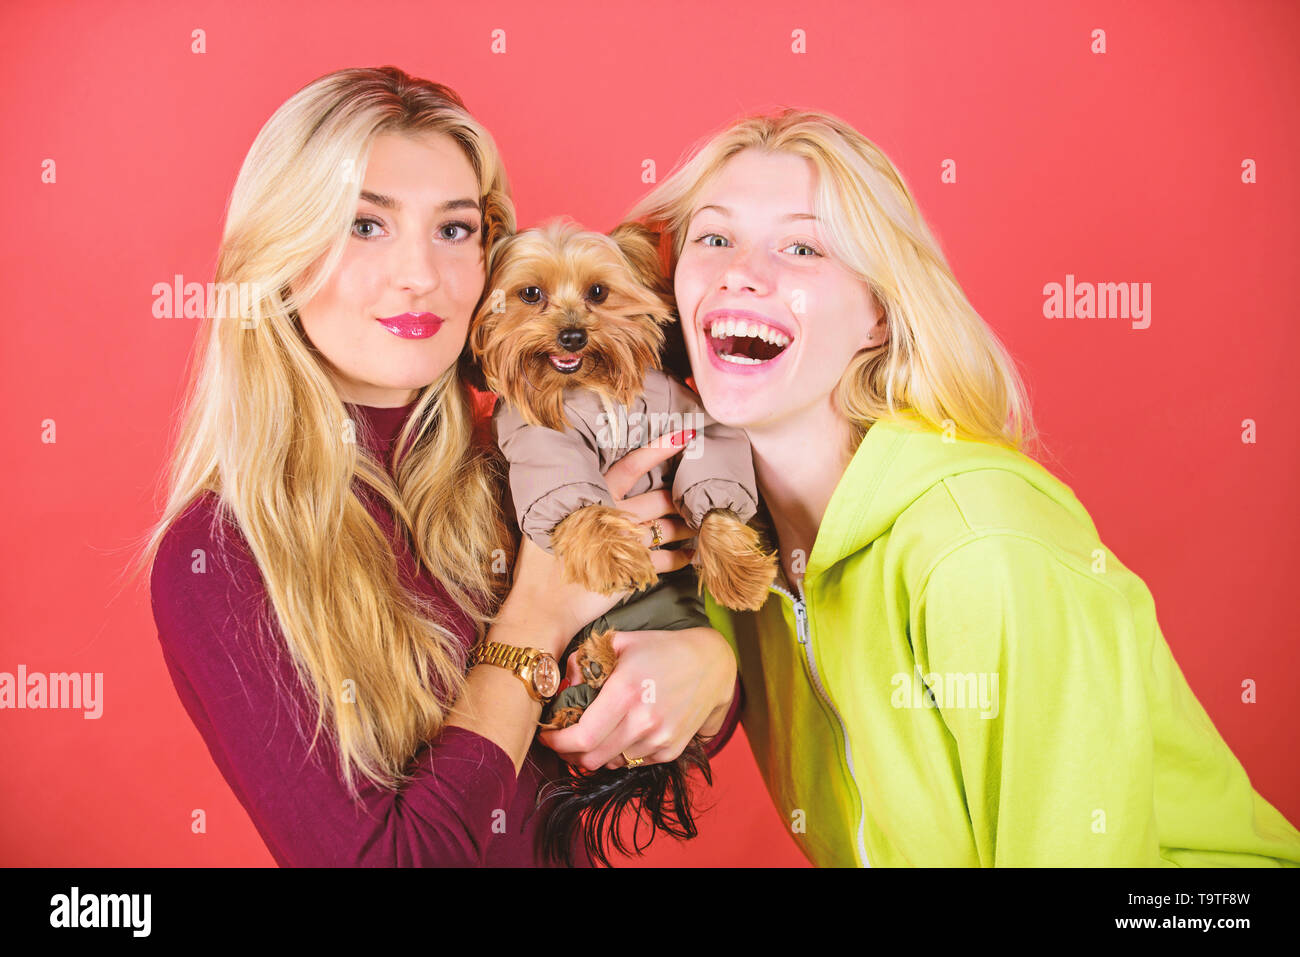 Yorkshire terrier è molto affettuoso cane amorevole che craves attenzione. Simpatico cane da compagnia. Yorkshire Terrier razza ama la socializzazione. Bionda ragazze adorano Immagini Stock